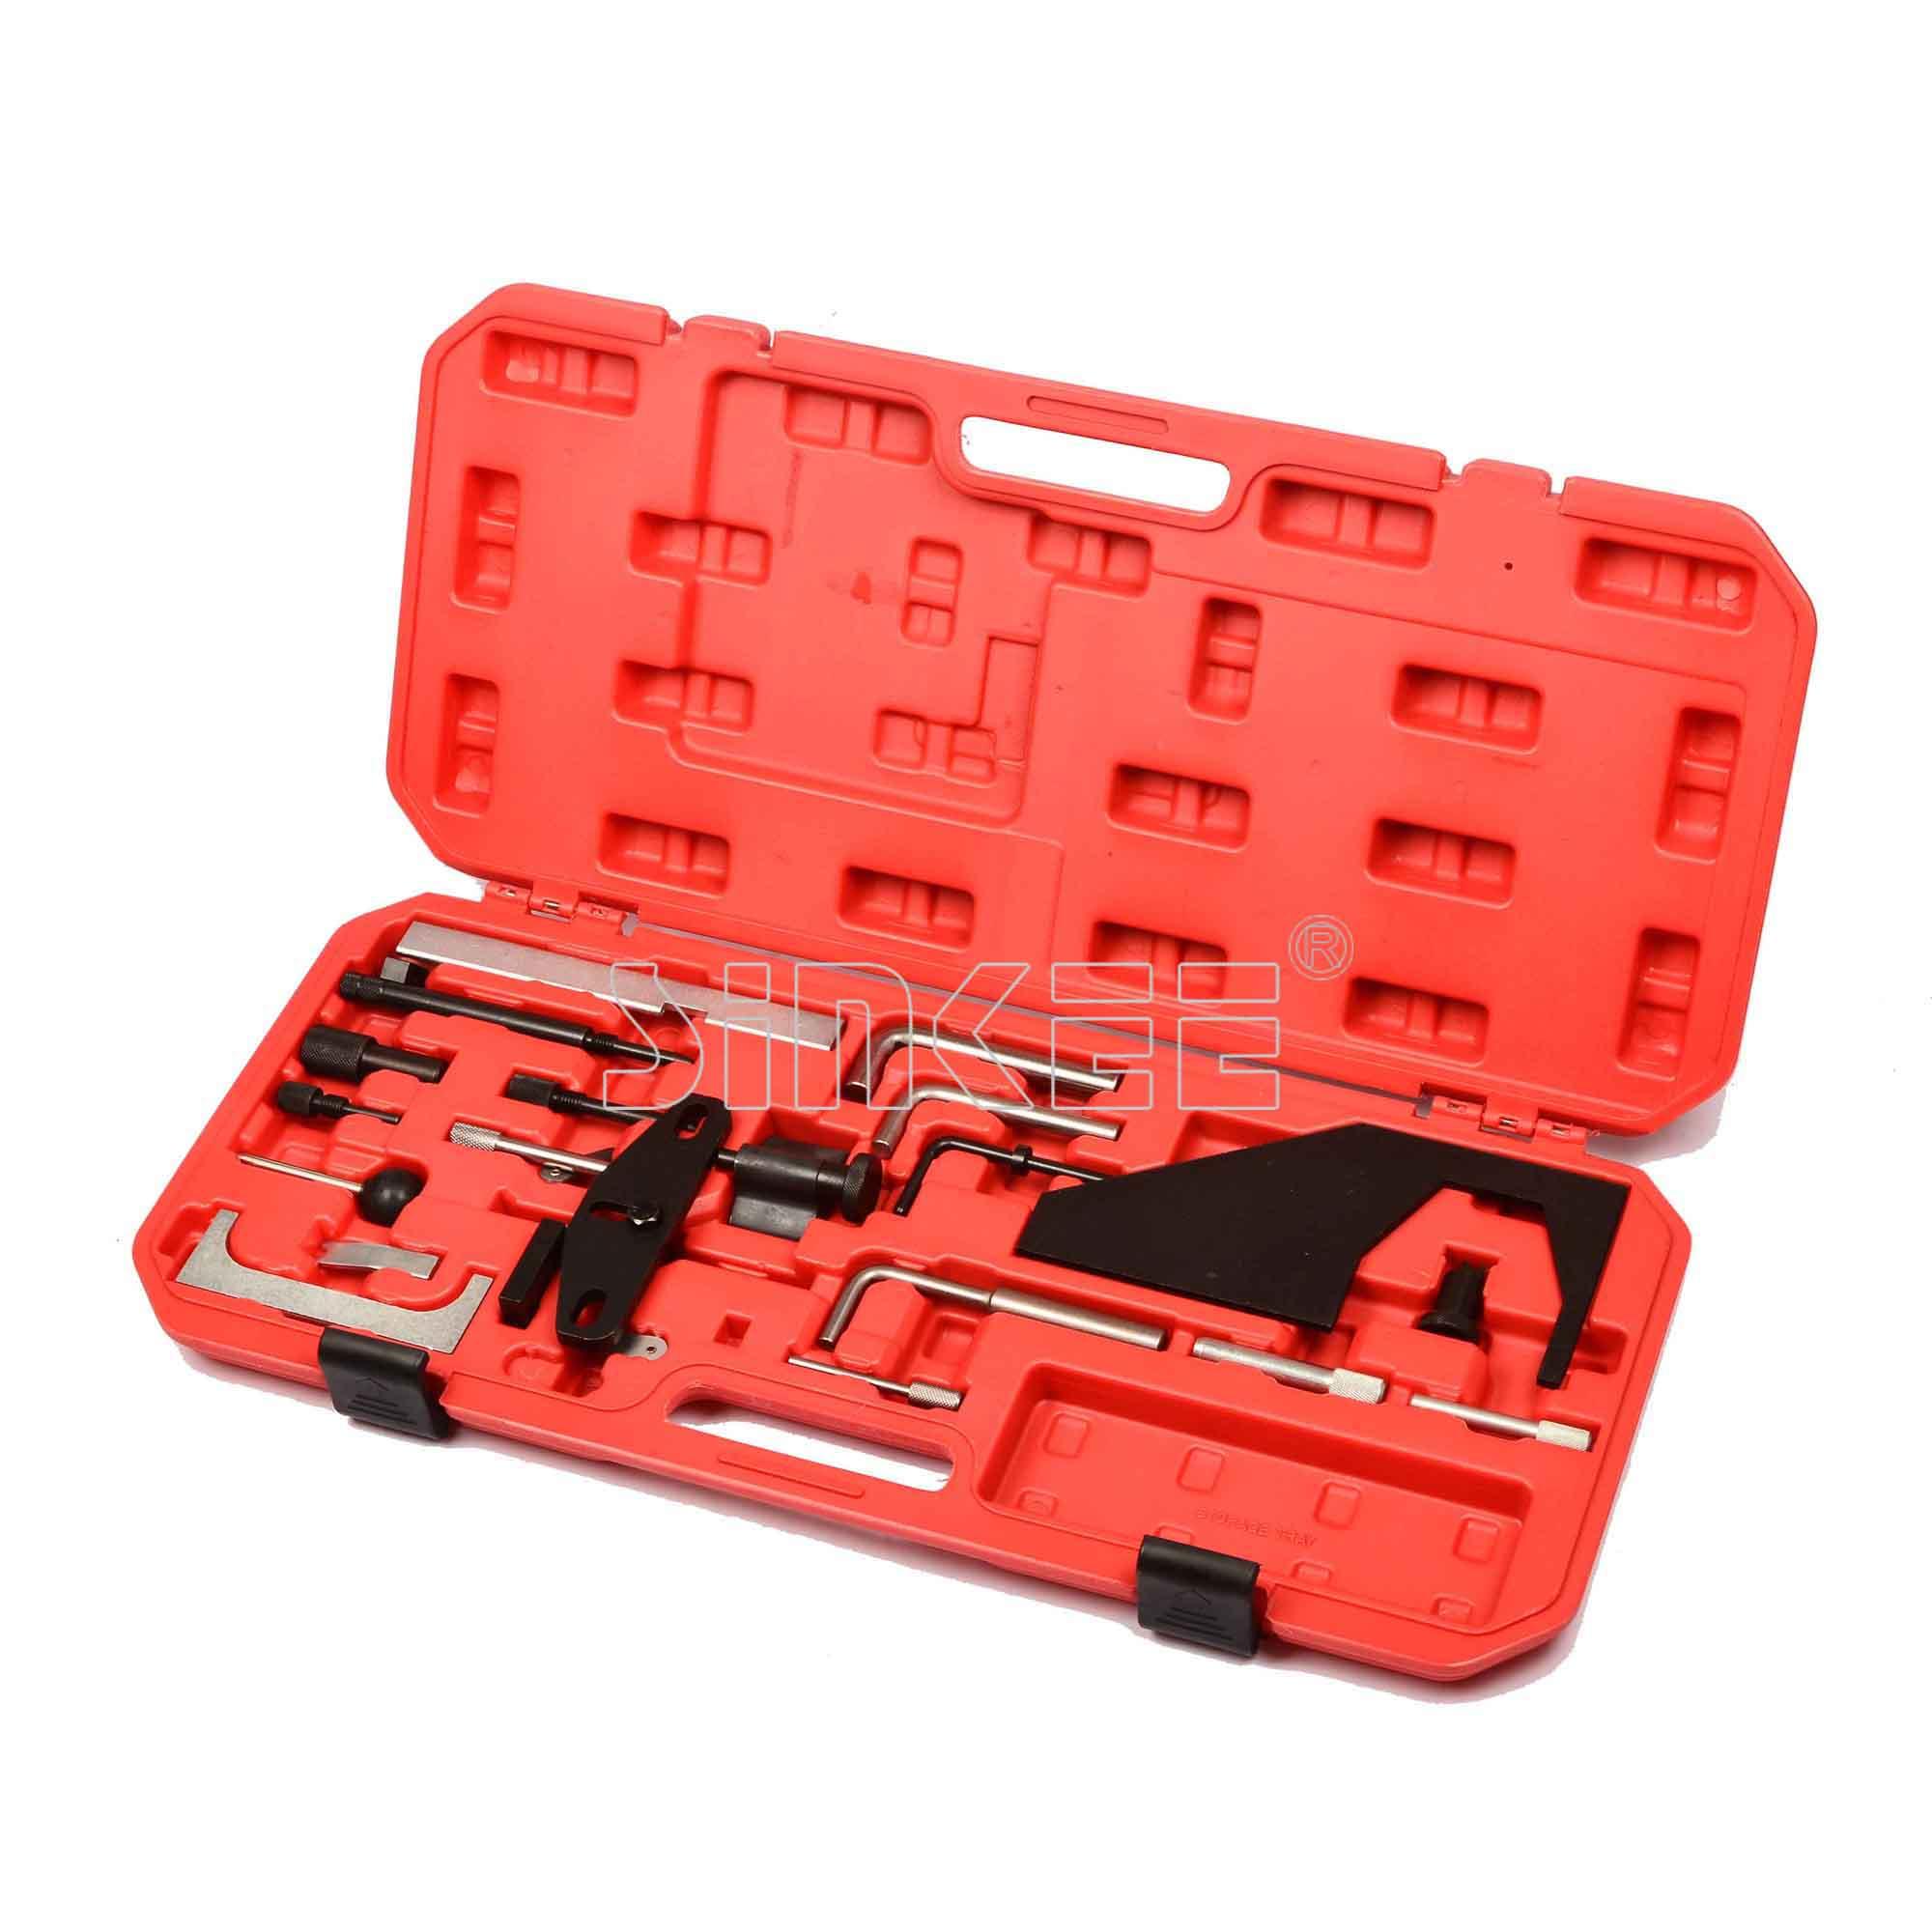 Инструмент автоматического двигателя ГРМ/замок Комплект для Пежо Ситроен инструменты для ремонта автомобилей